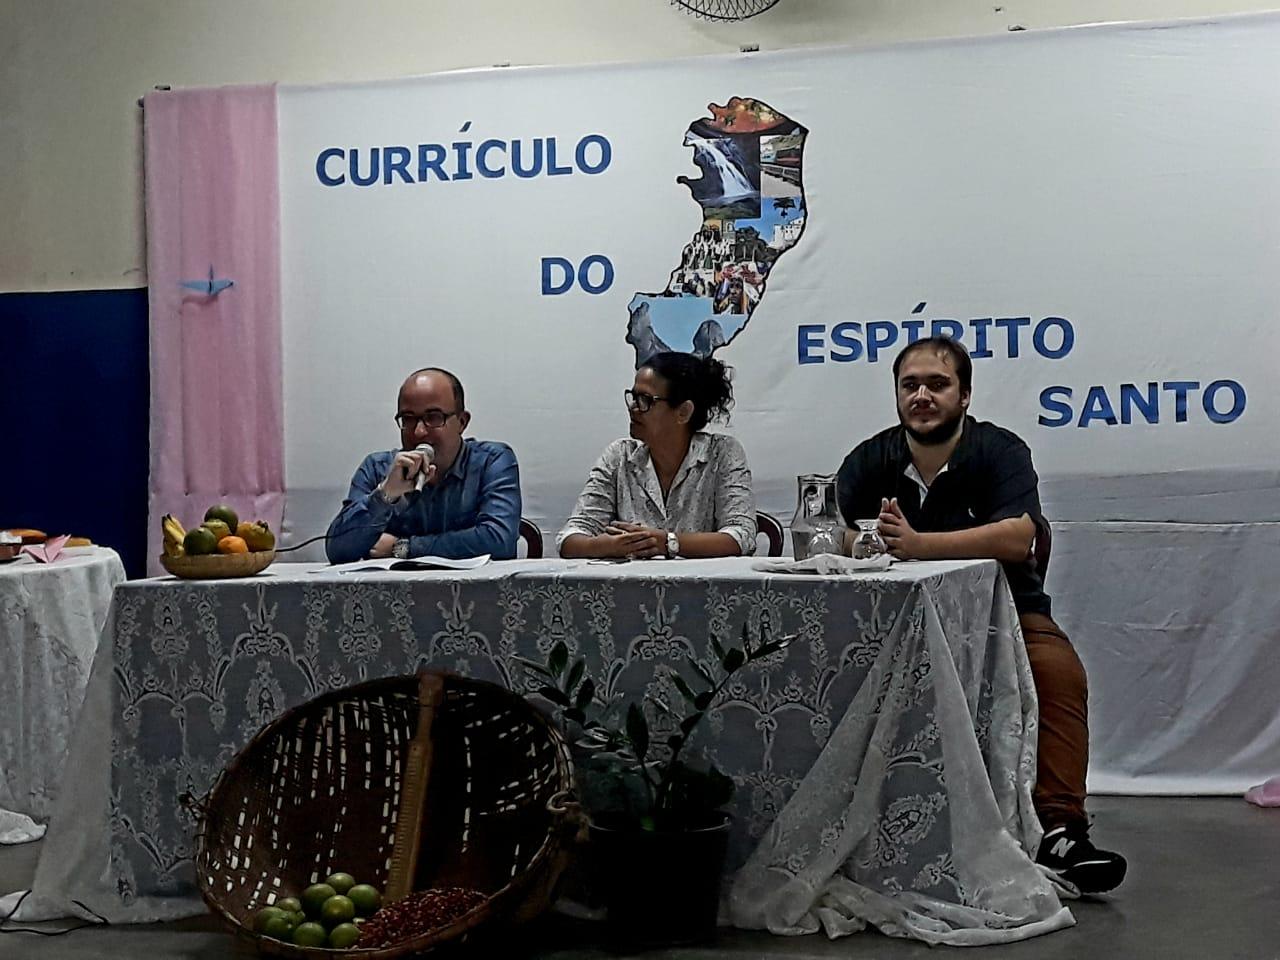 DIA D - MOBILIZAÇÃO DA FORMAÇÃO DOS PROFISSIONAIS DA EDUCAÇÃO PARA IMPLEMENTAÇÃO DO NOVO CURRÍCULO DO ESPÍRITO SANTO